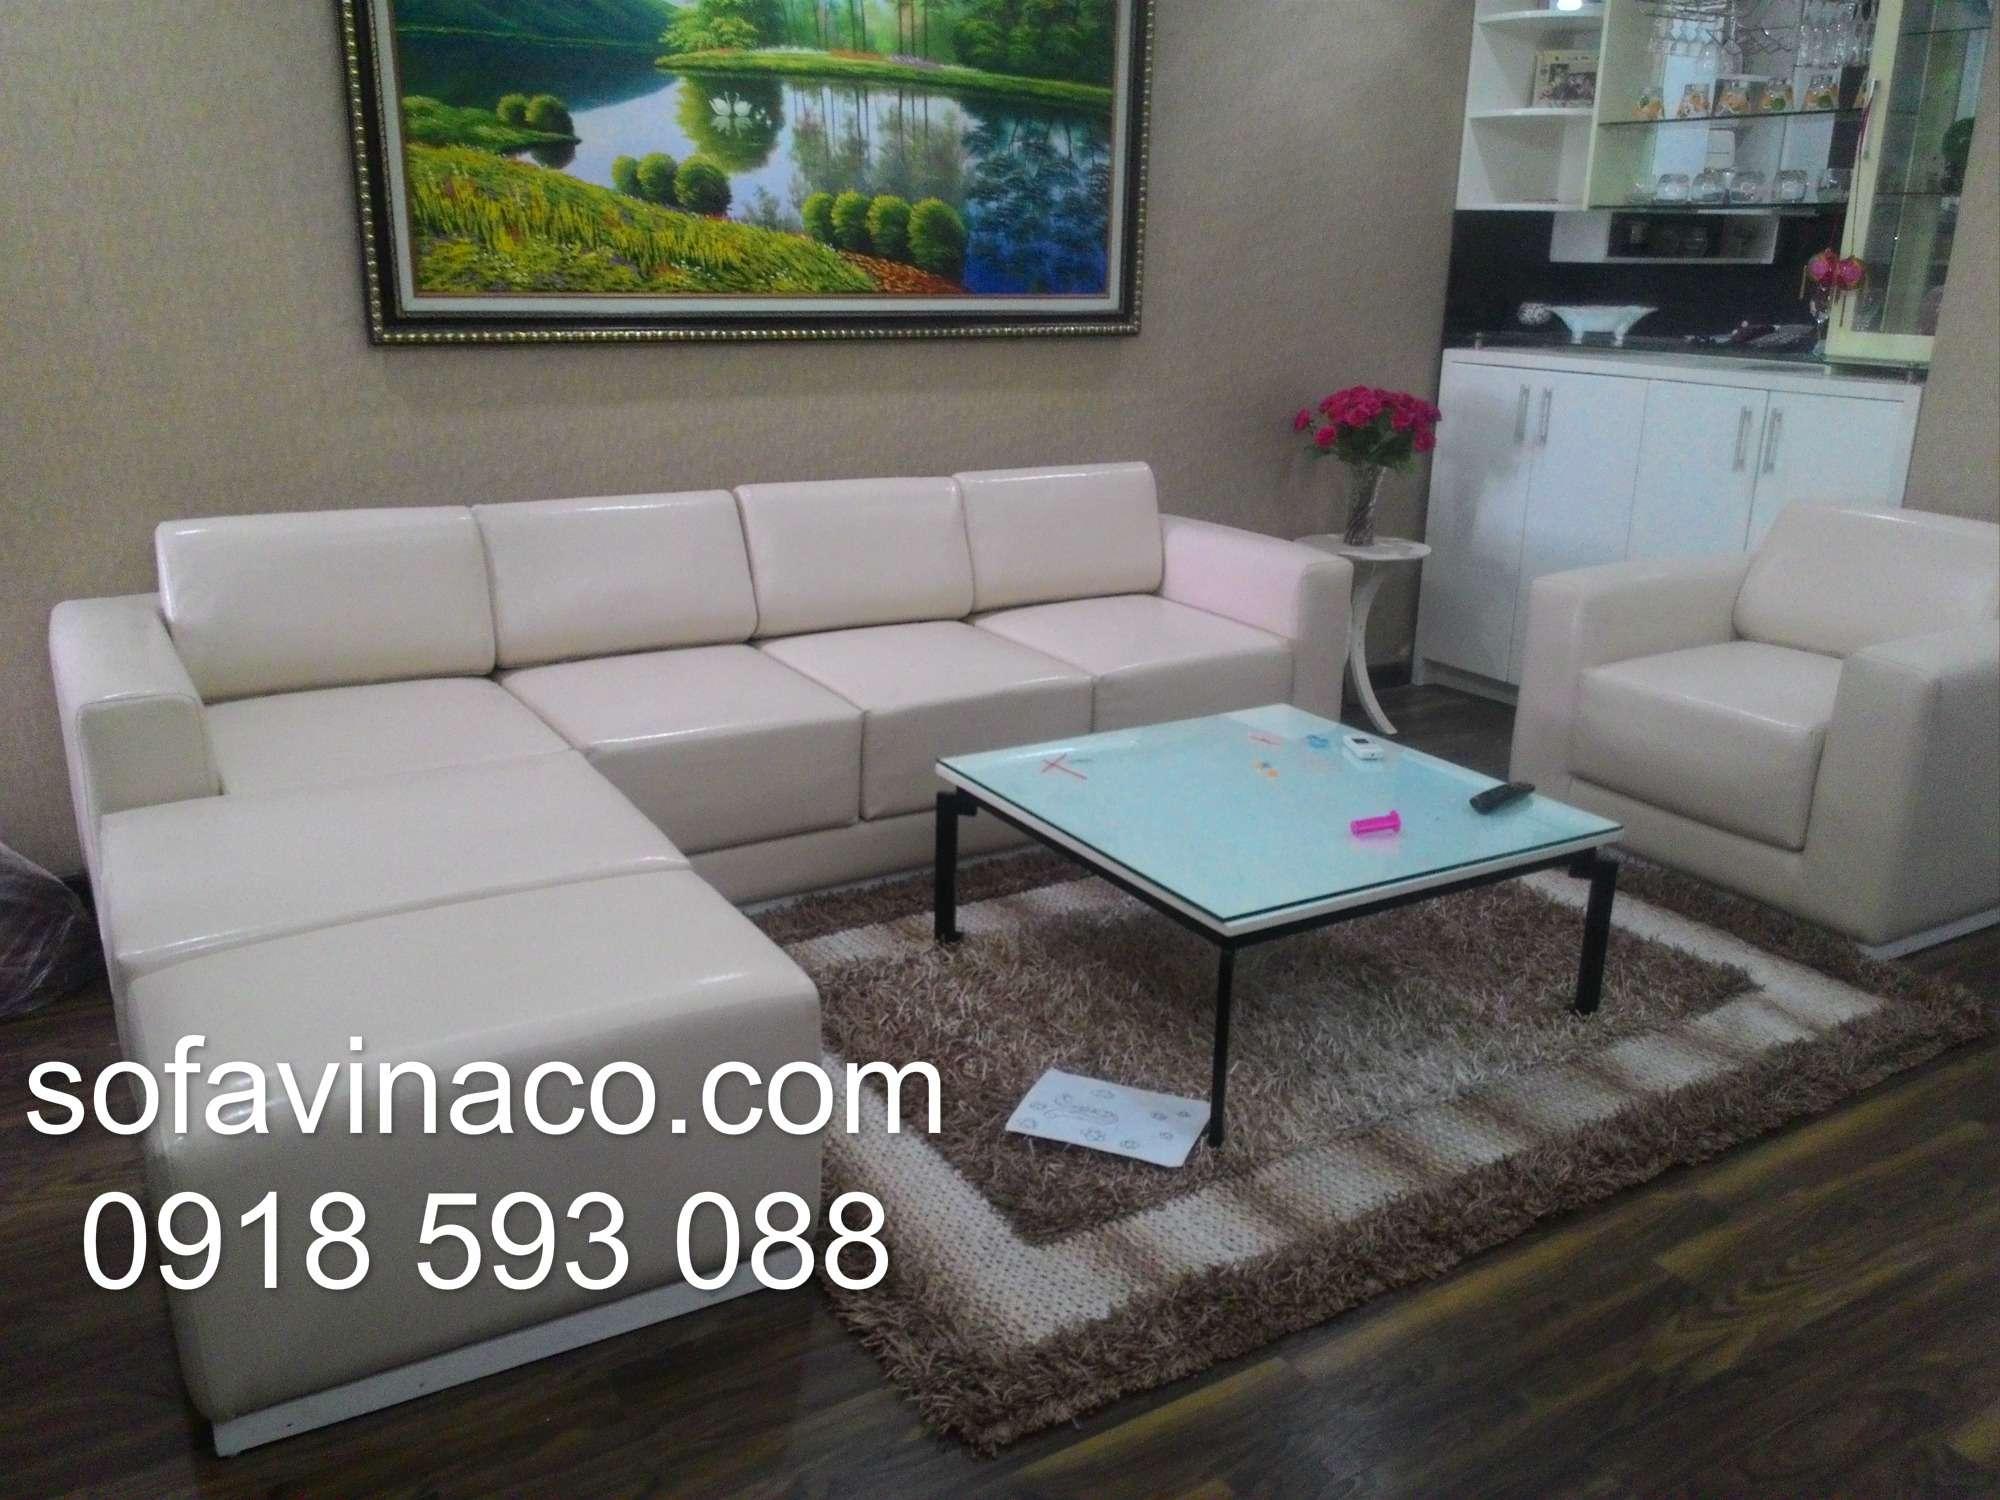 Bọc ghế sofa da nhà Chị Hoa - FLC Mỹ Đình